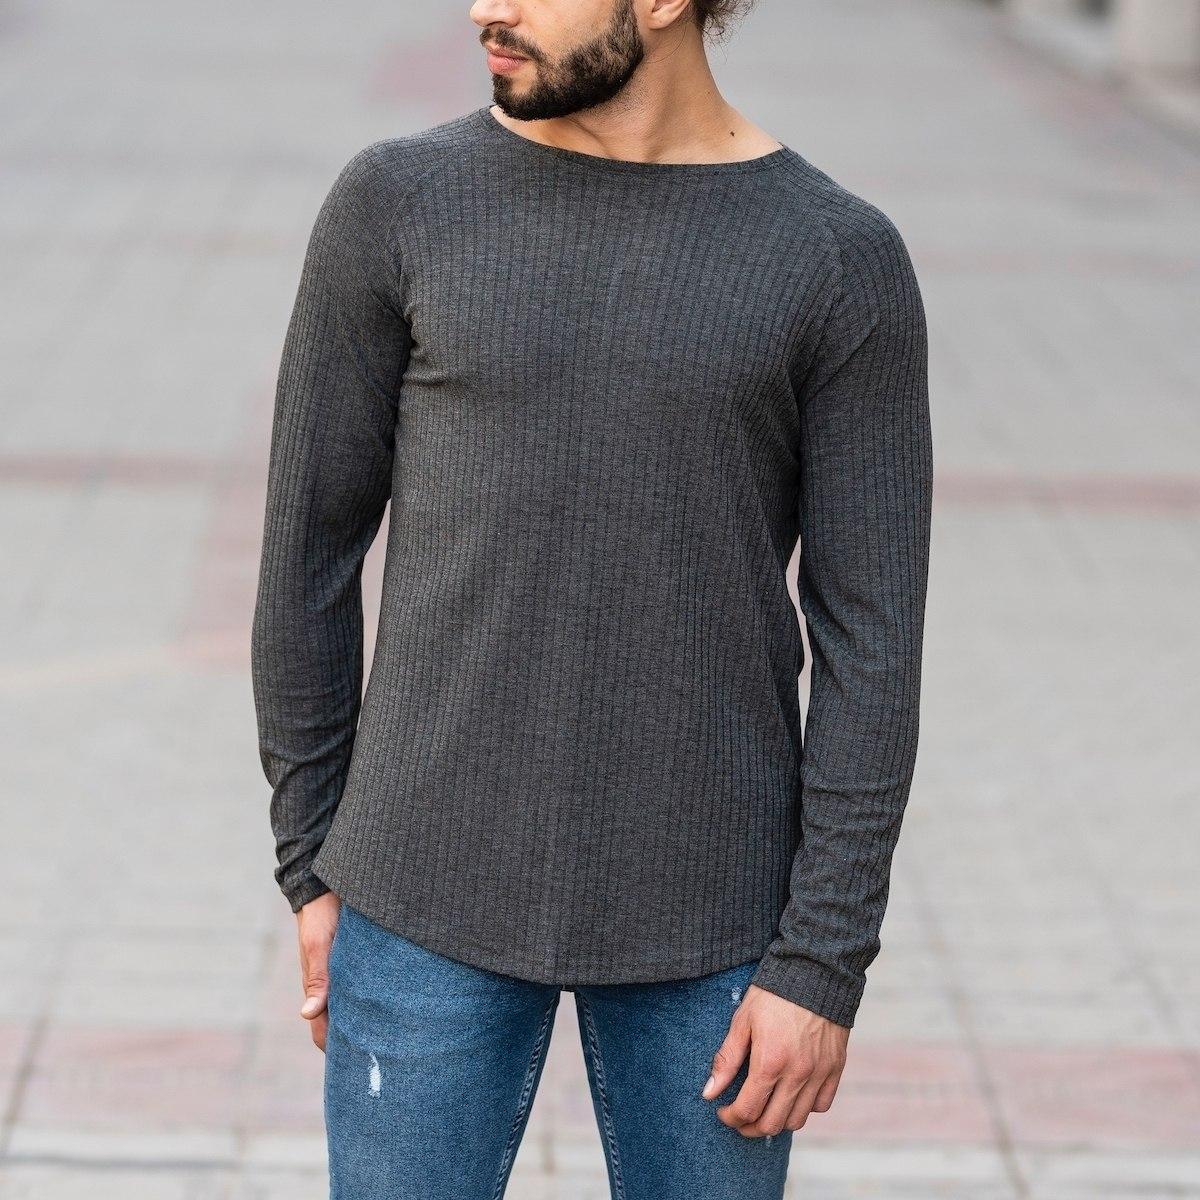 Gray Sweatshirt With Stripe Details Mv Premium Brand - 1